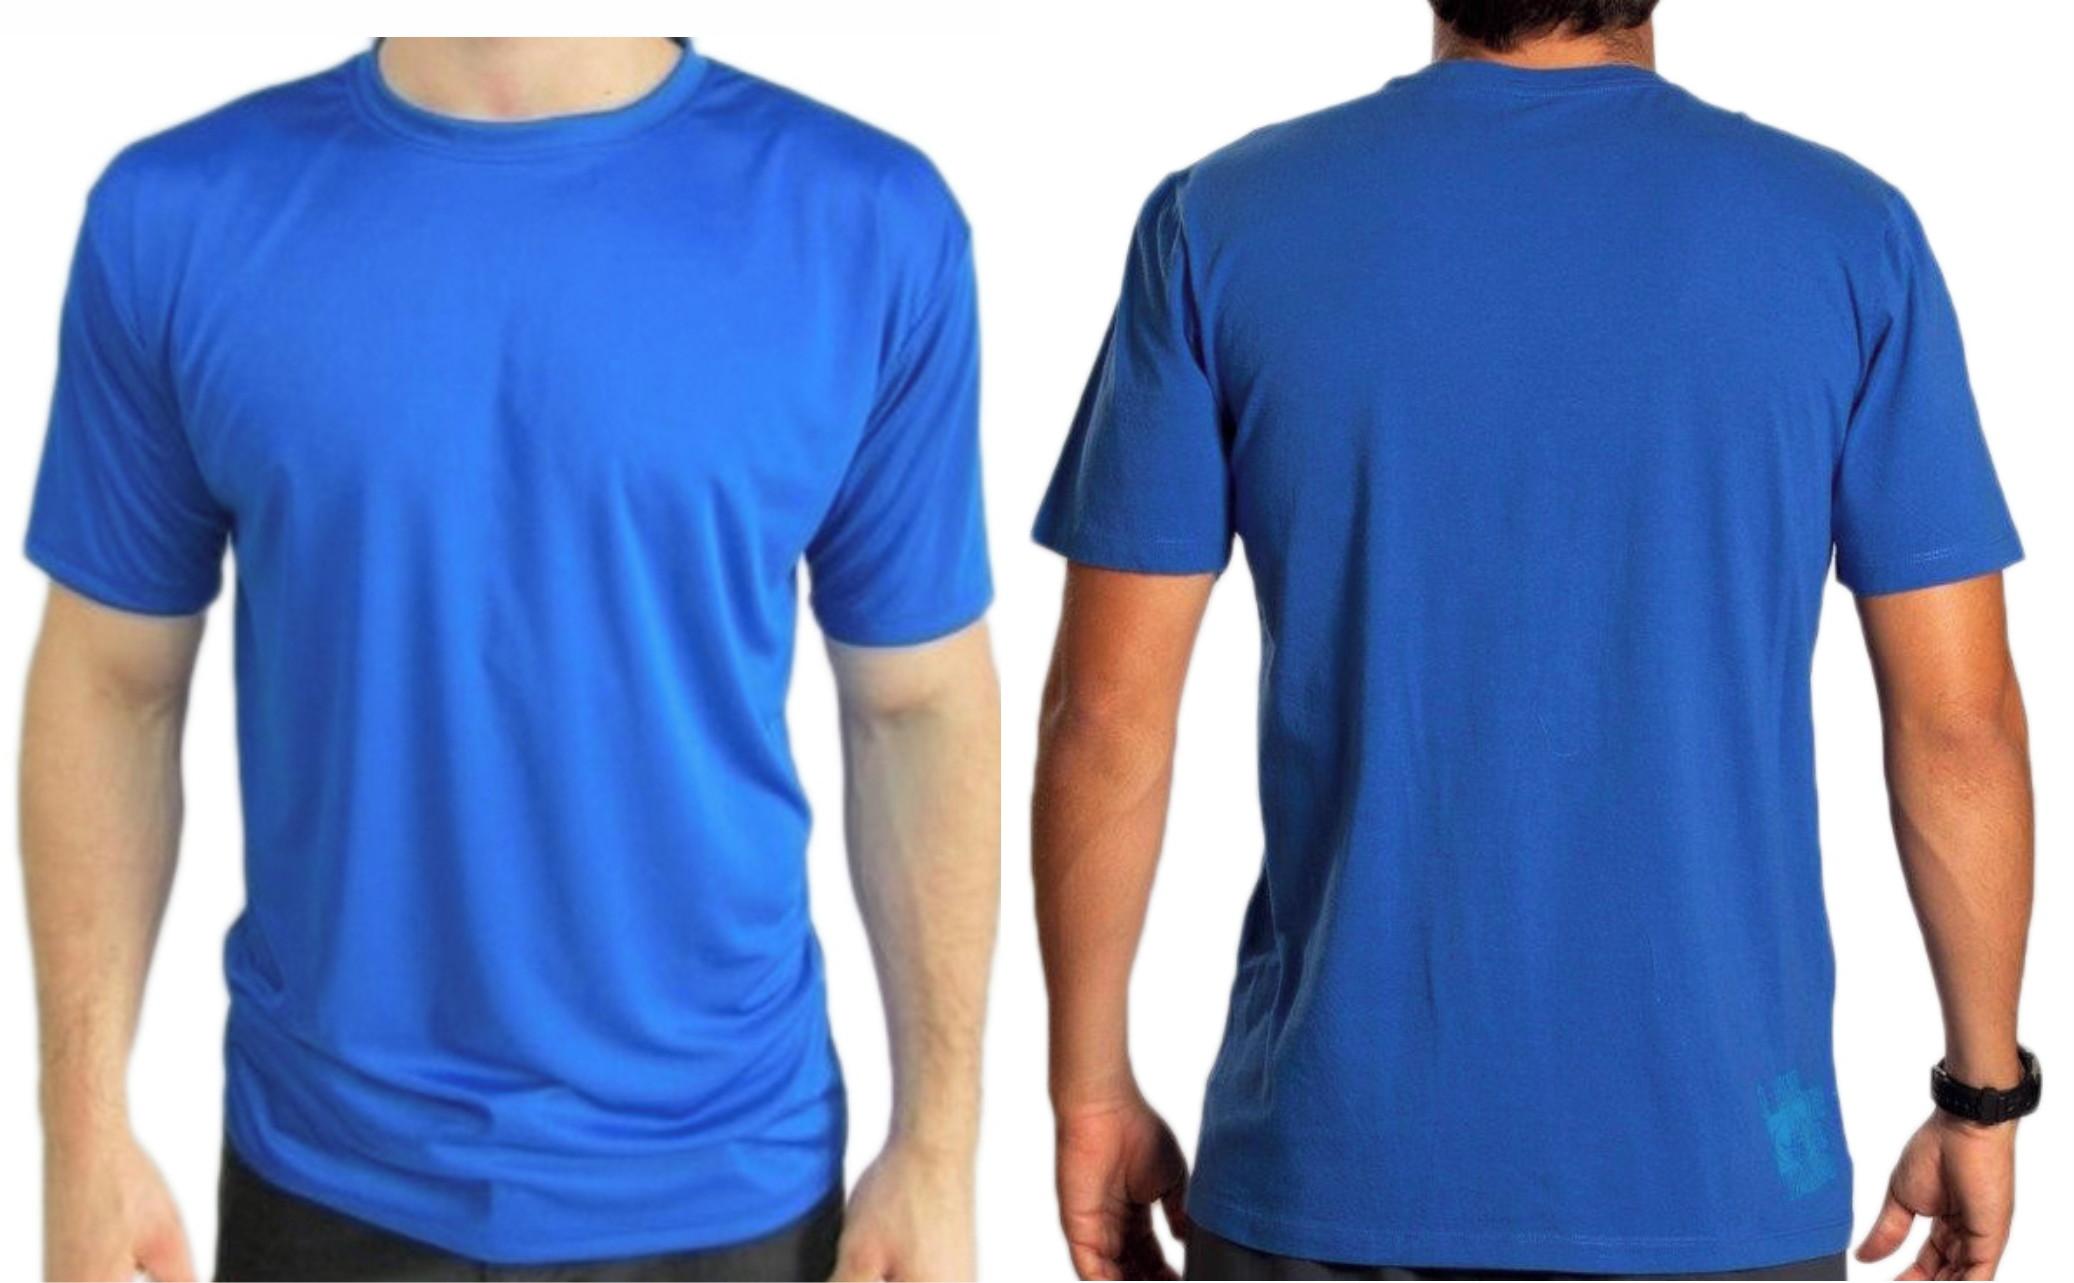 Camisetas 10 Unidades Atacado Lisa 100 Algodão Azul Royal